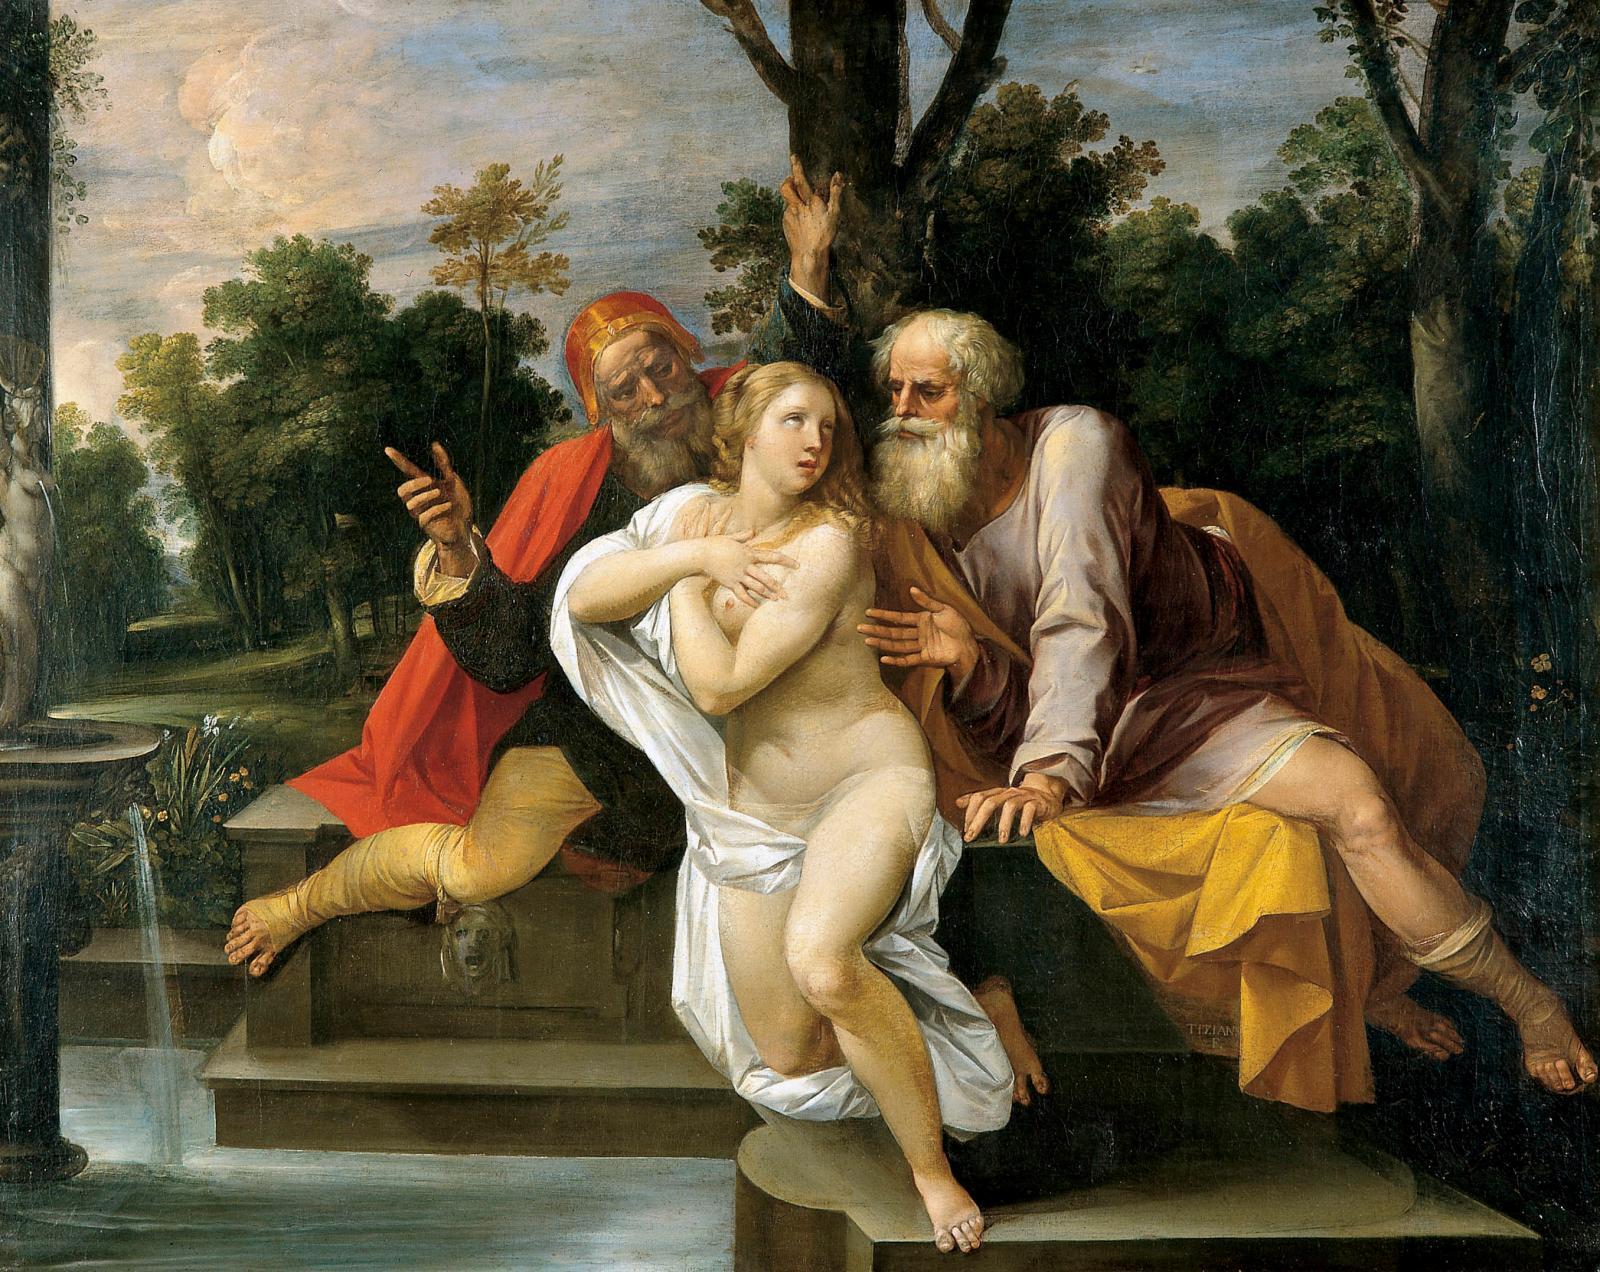 Giuseppe Cesari, dit le Cavalier d'Arpin (1568-1640), Suzanne et les Vieillards, huile sur toile, 115x148cm ; don Annie et Jean-Pierre